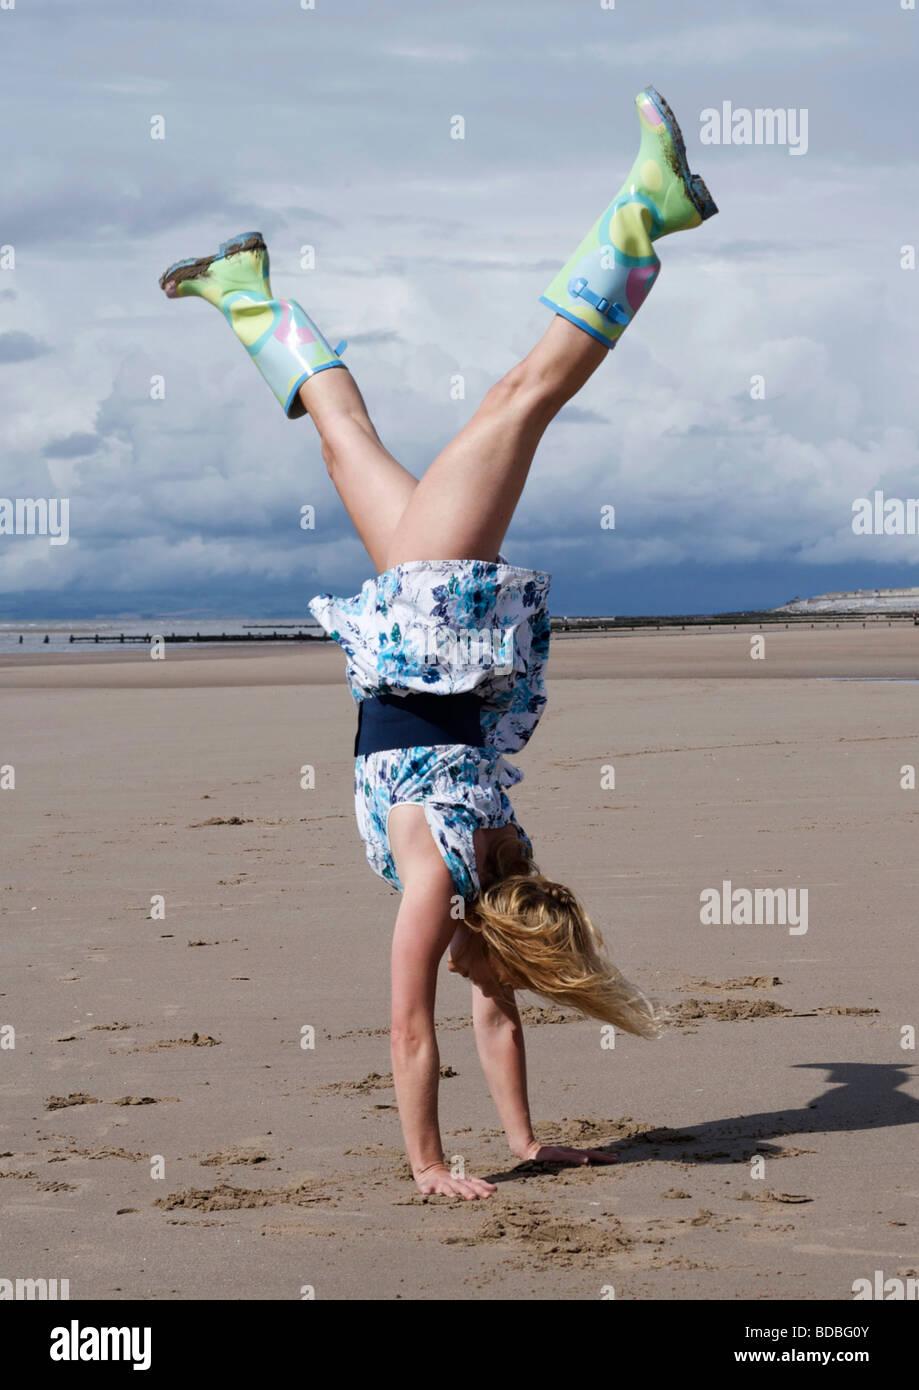 Frau trägt eine altmodische Blumen Kleid und Wellington Stiefel, macht einen Handstand am Strand Stockbild